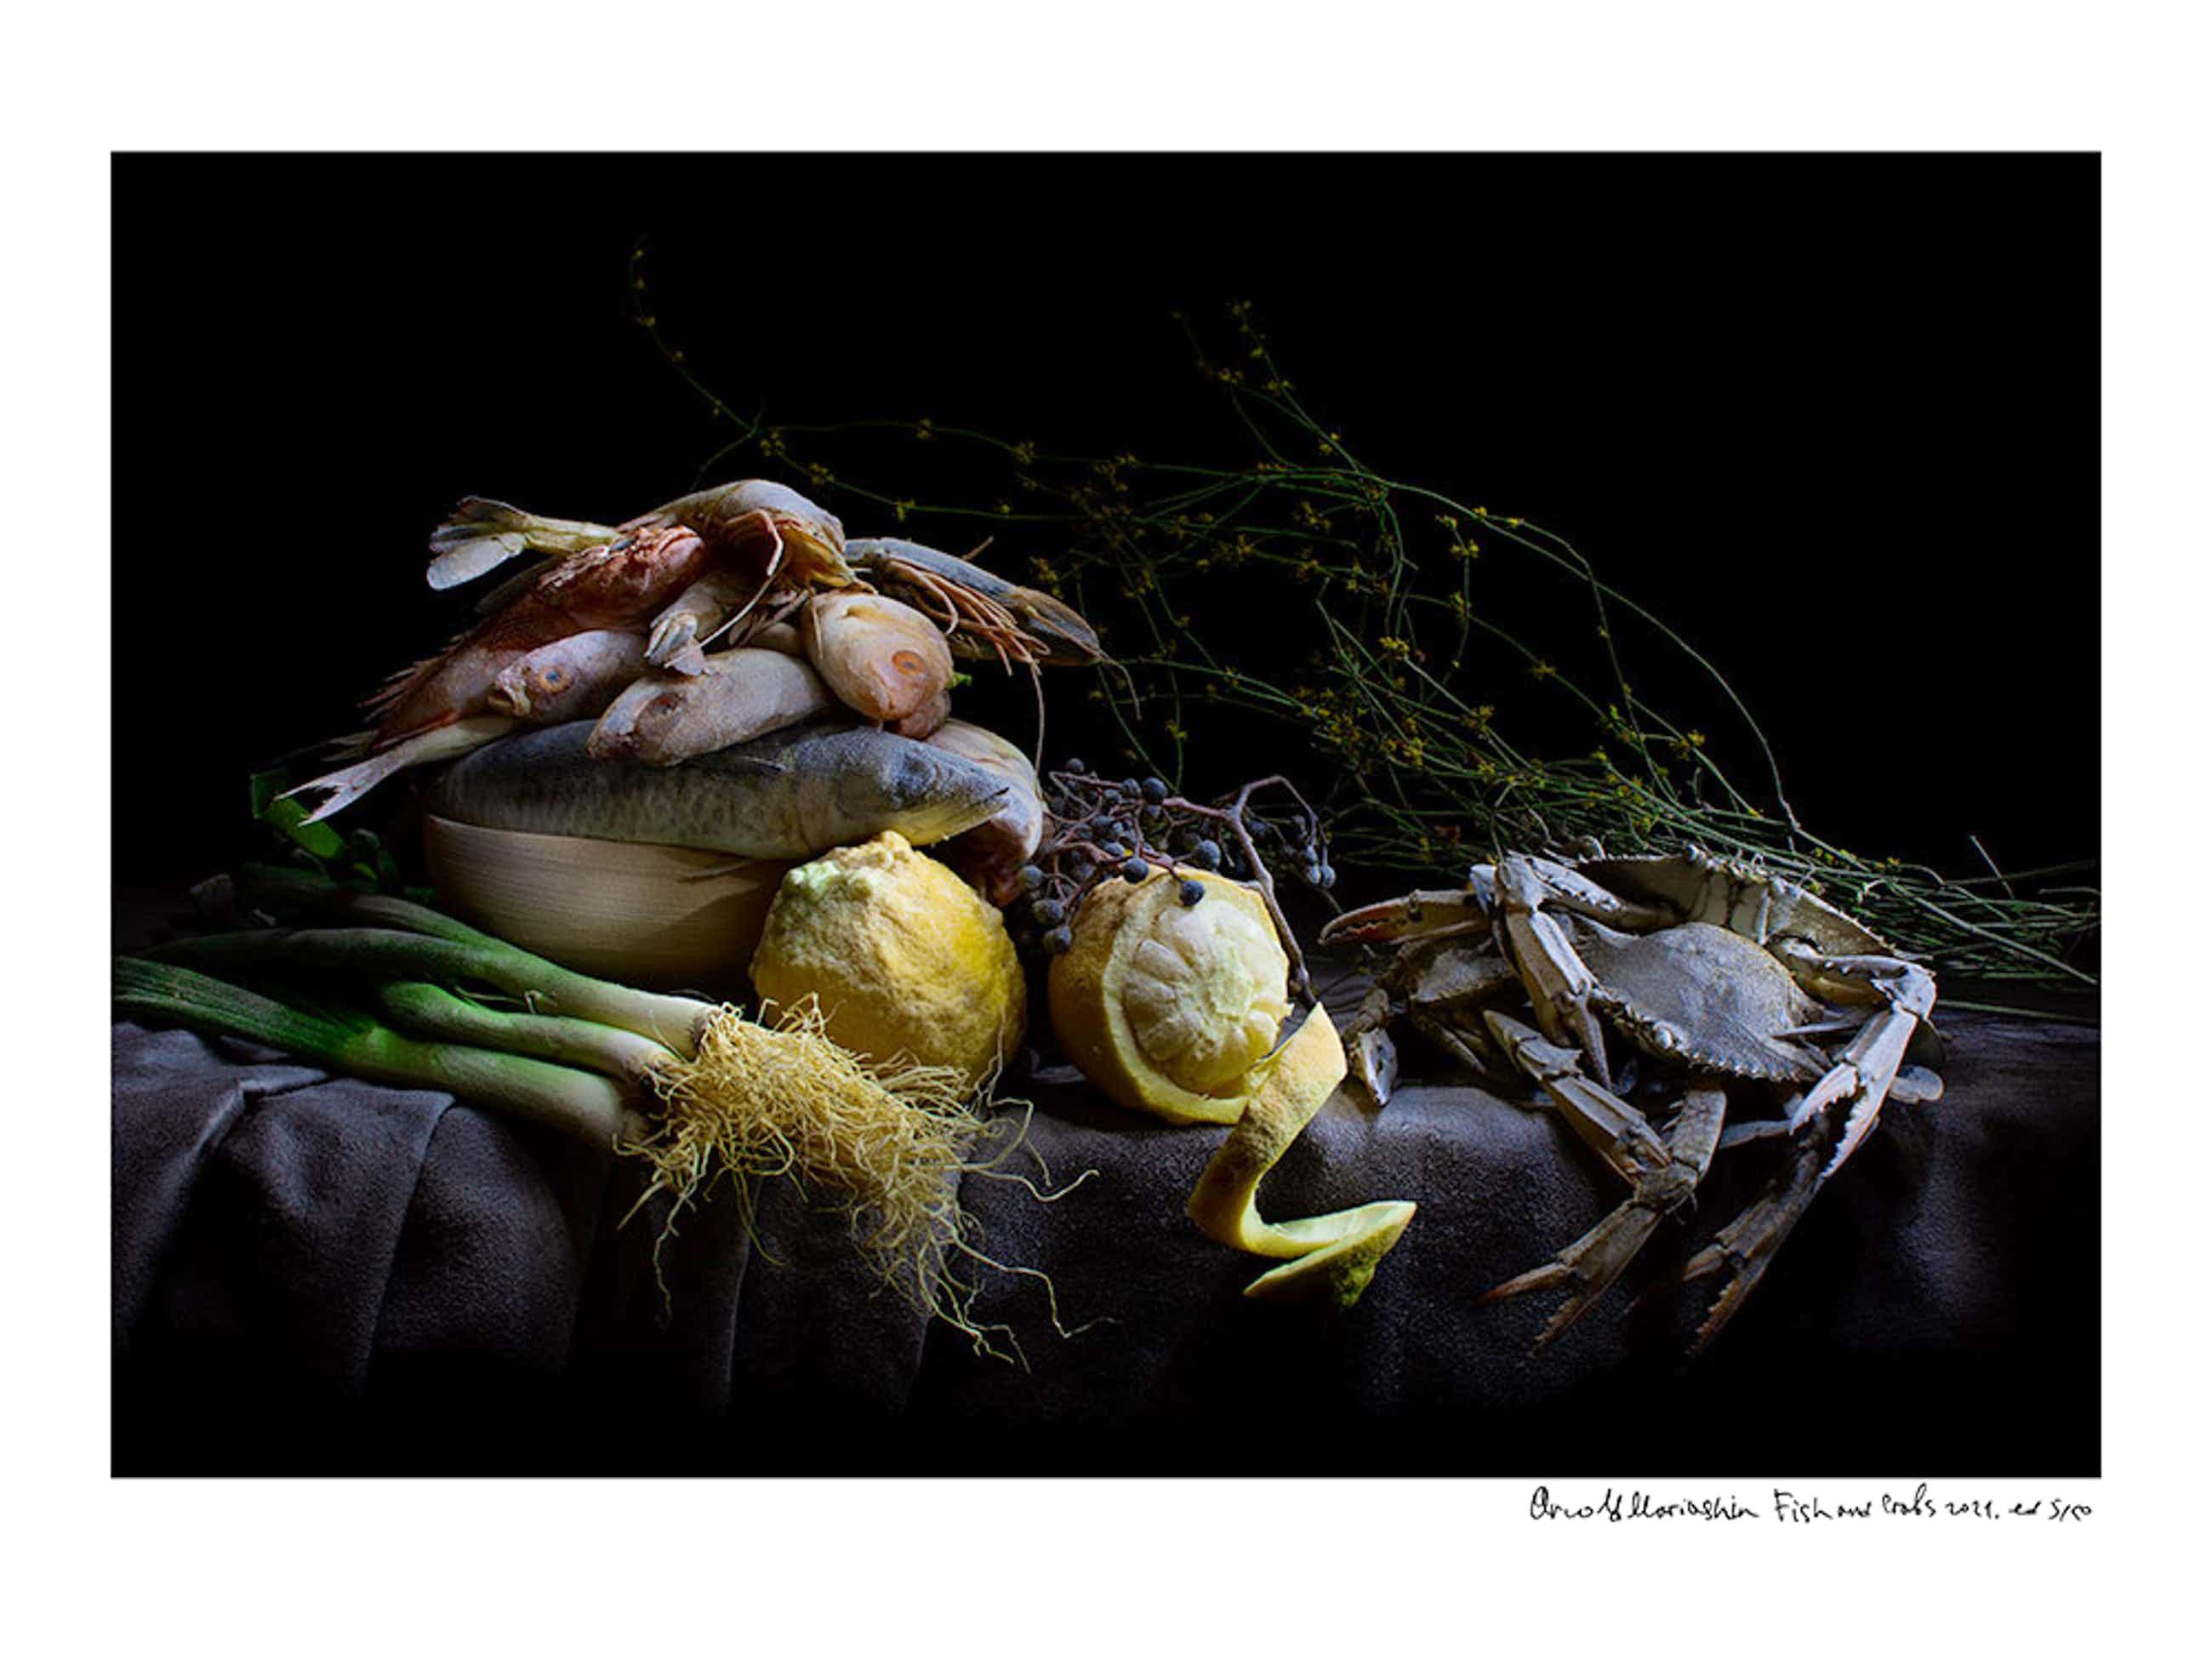 Arnold Mariashin - Fish and Crabs kopen? Bied vanaf 135!